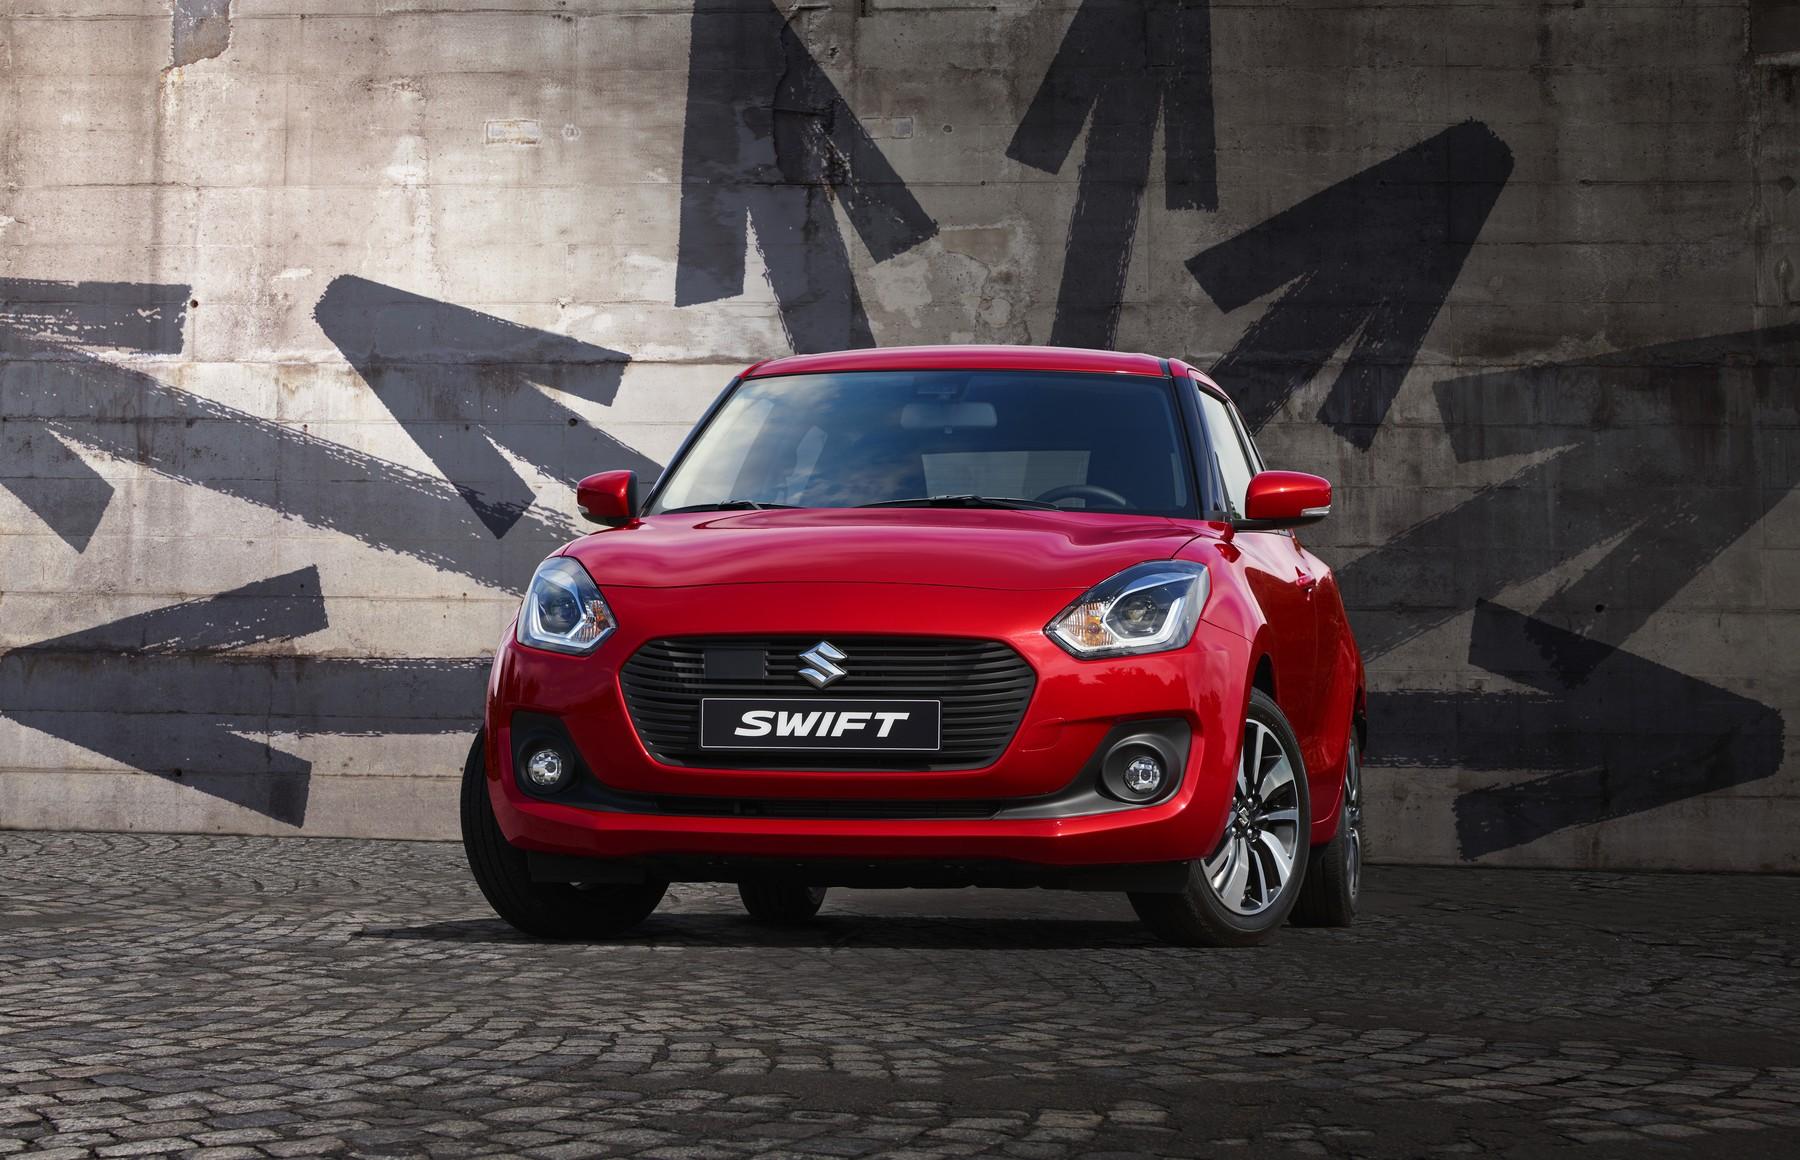 Celosvětový úspěch modelu Suzuki Swift – prodáno šest milionů vozů novodobé generace